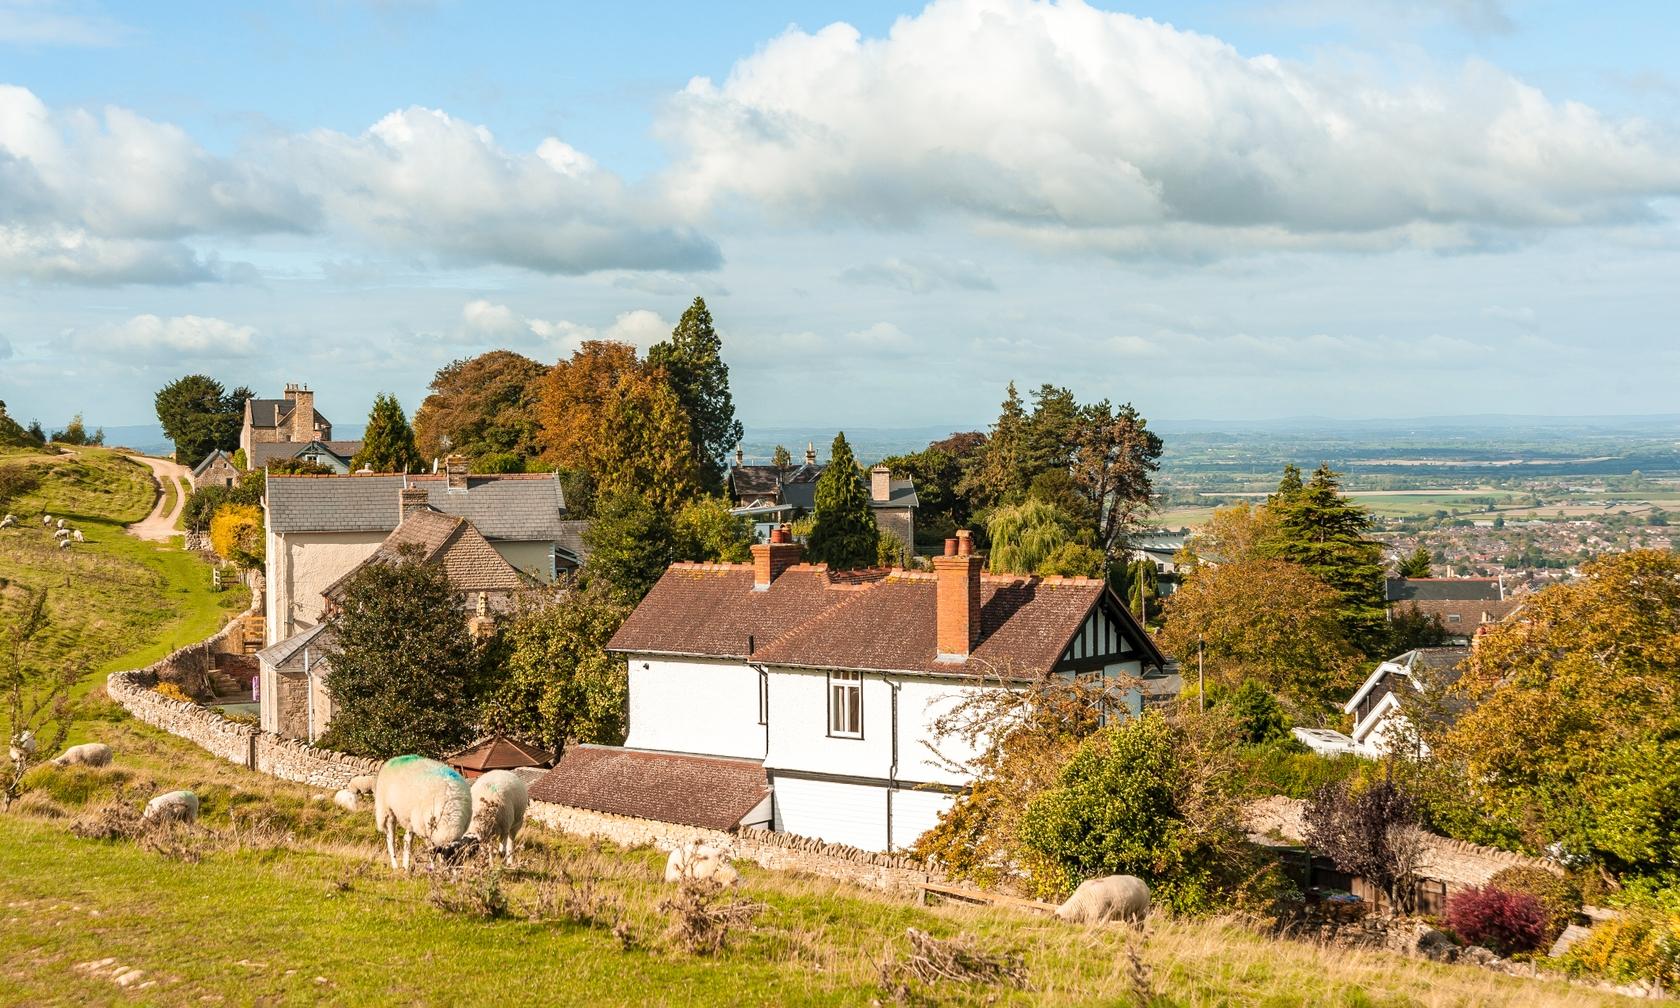 Holiday rental houses in Cheltenham